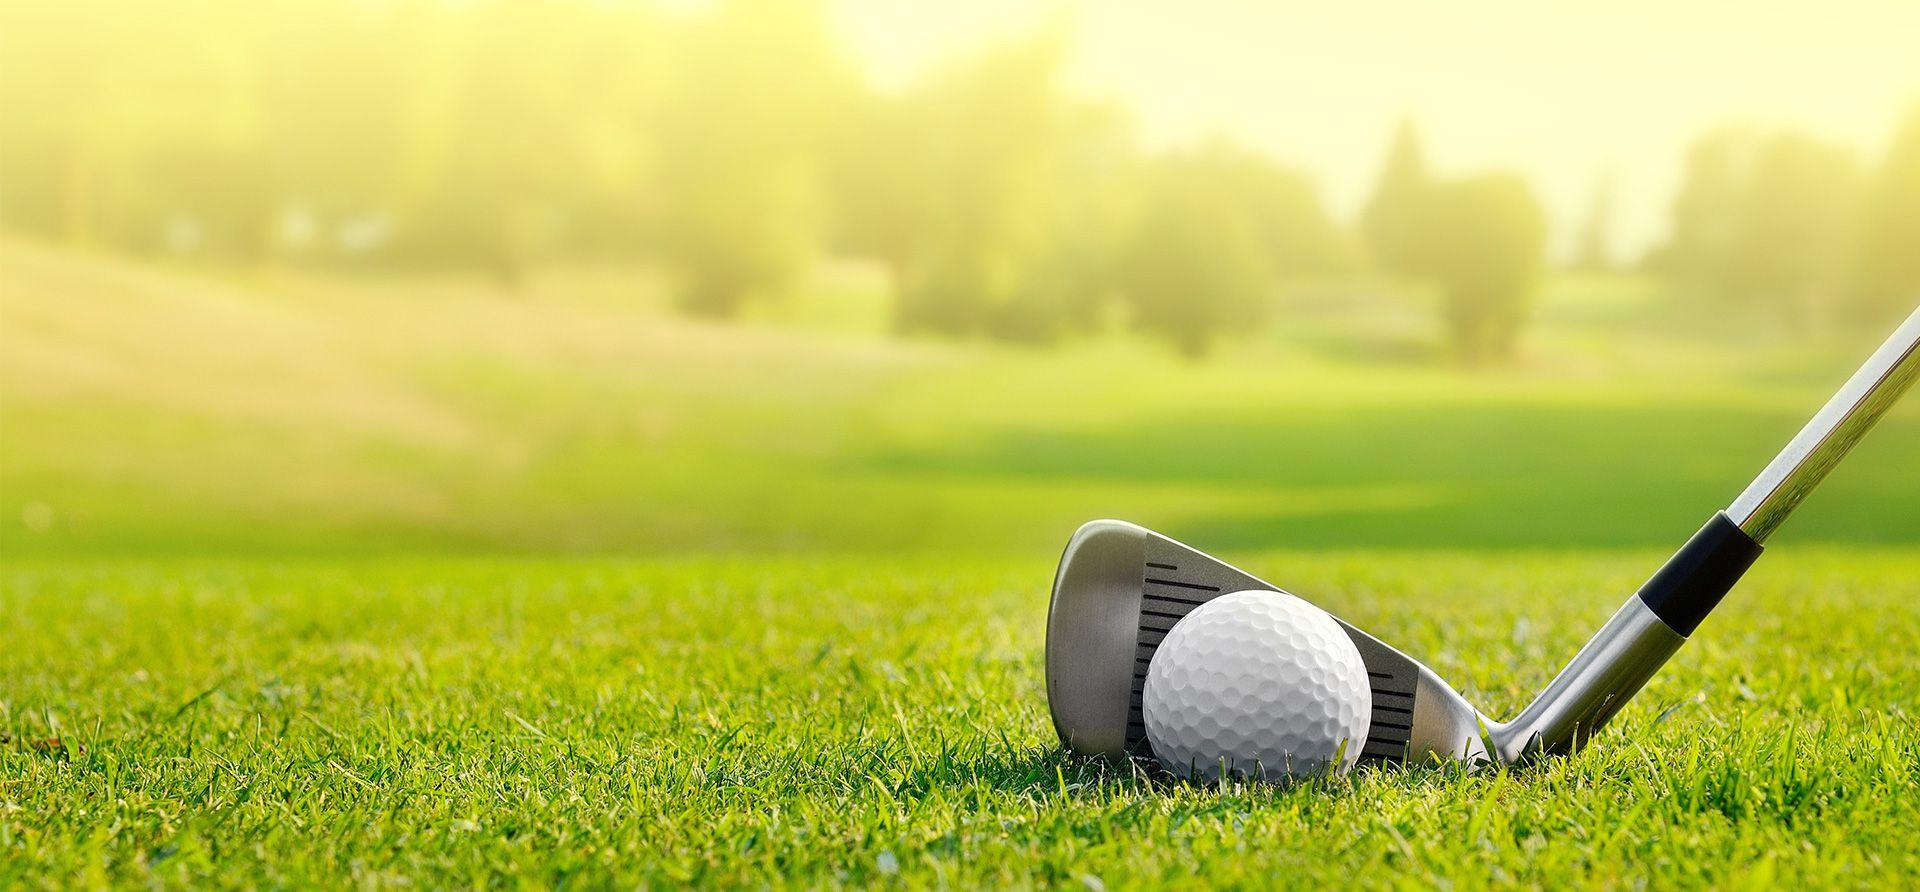 7th Golf Day